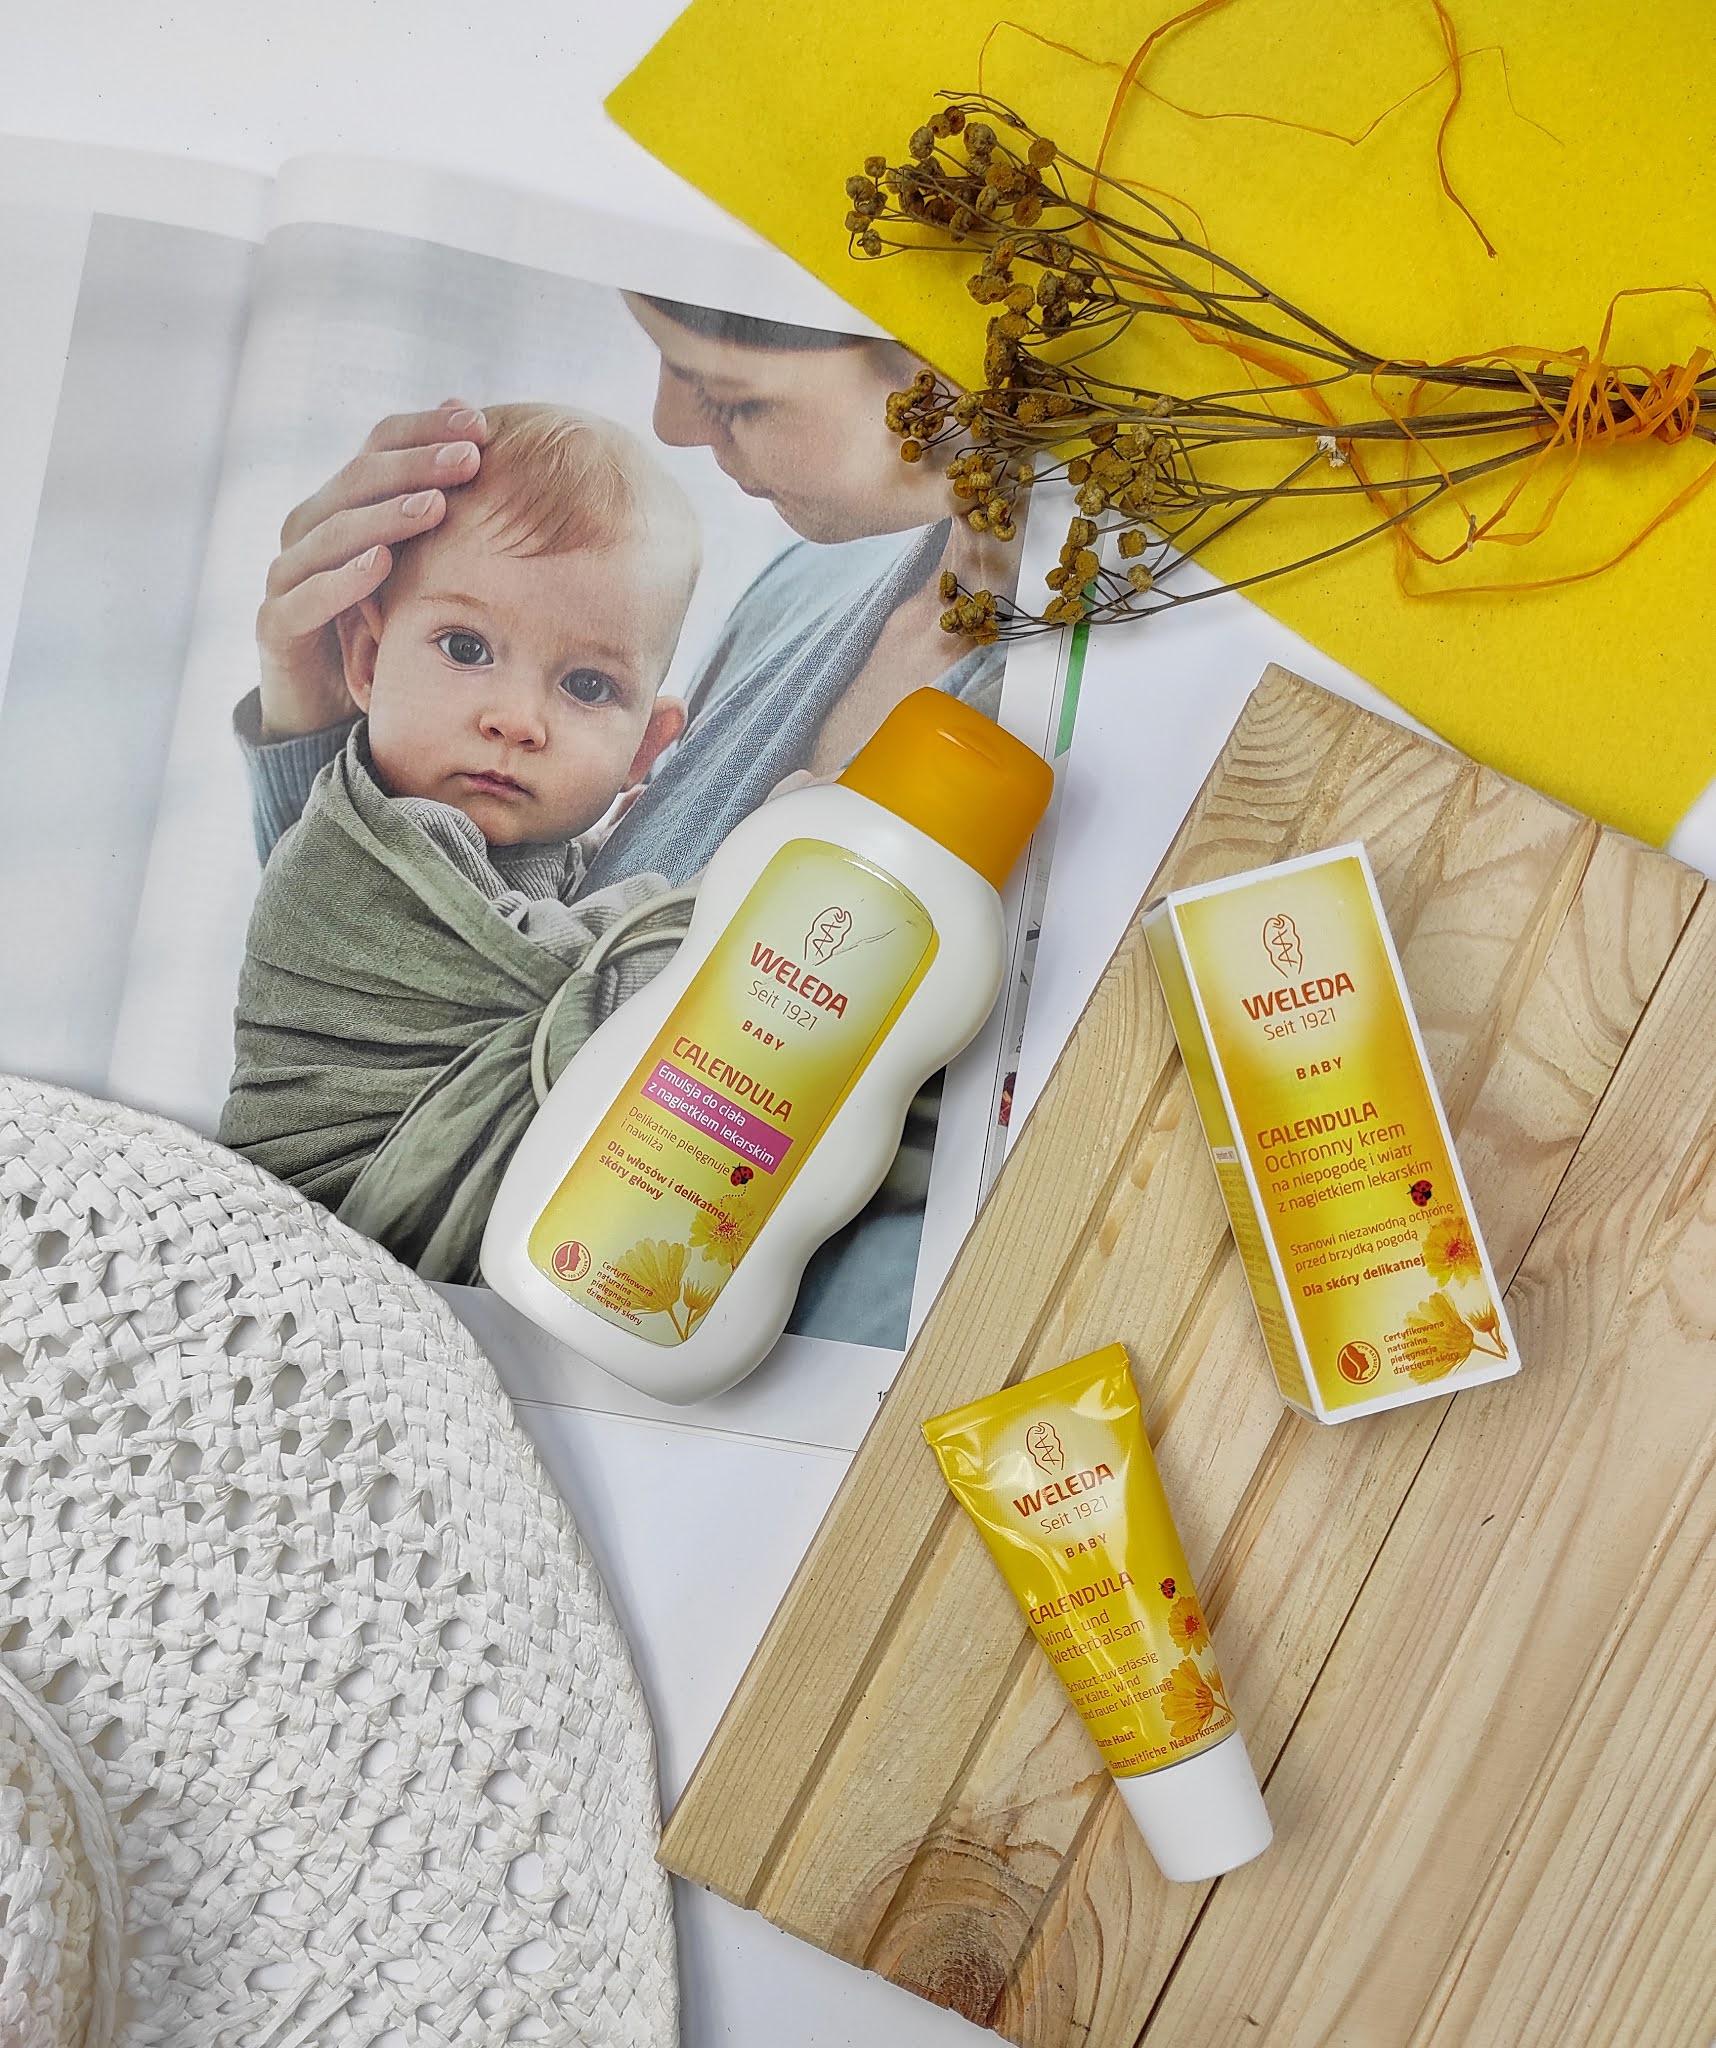 Calendula - linia pielęgnacyjnych kosmetyków dla dzieci od marki Weleda